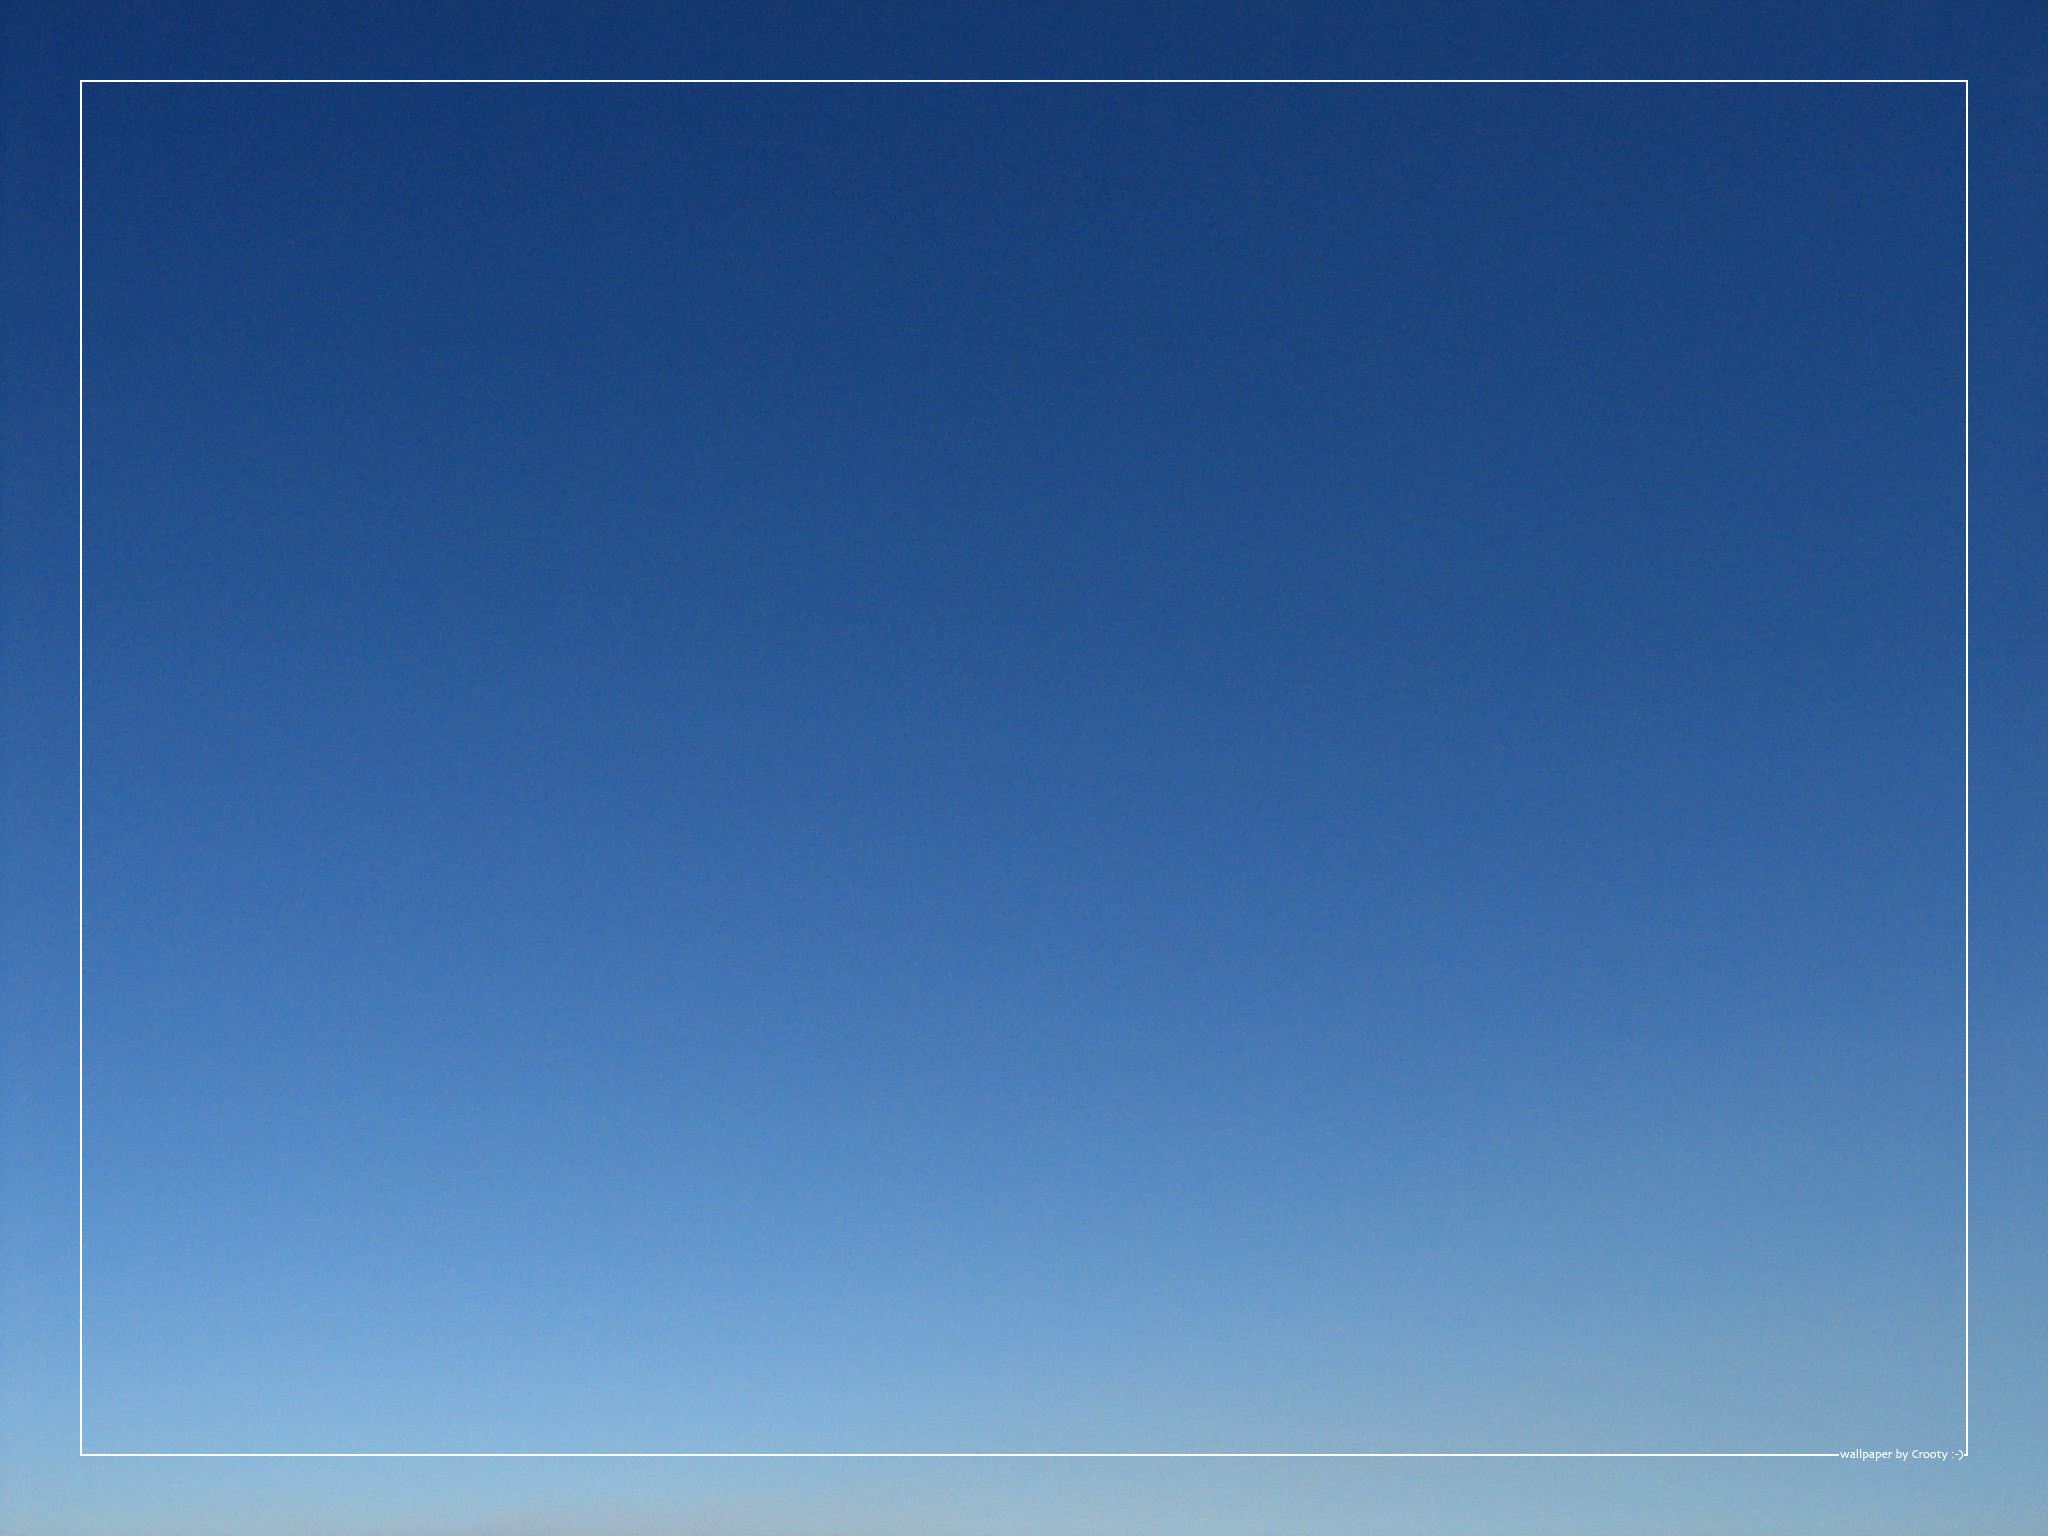 Blue Sky wallpaper by Crooty 2048x1536